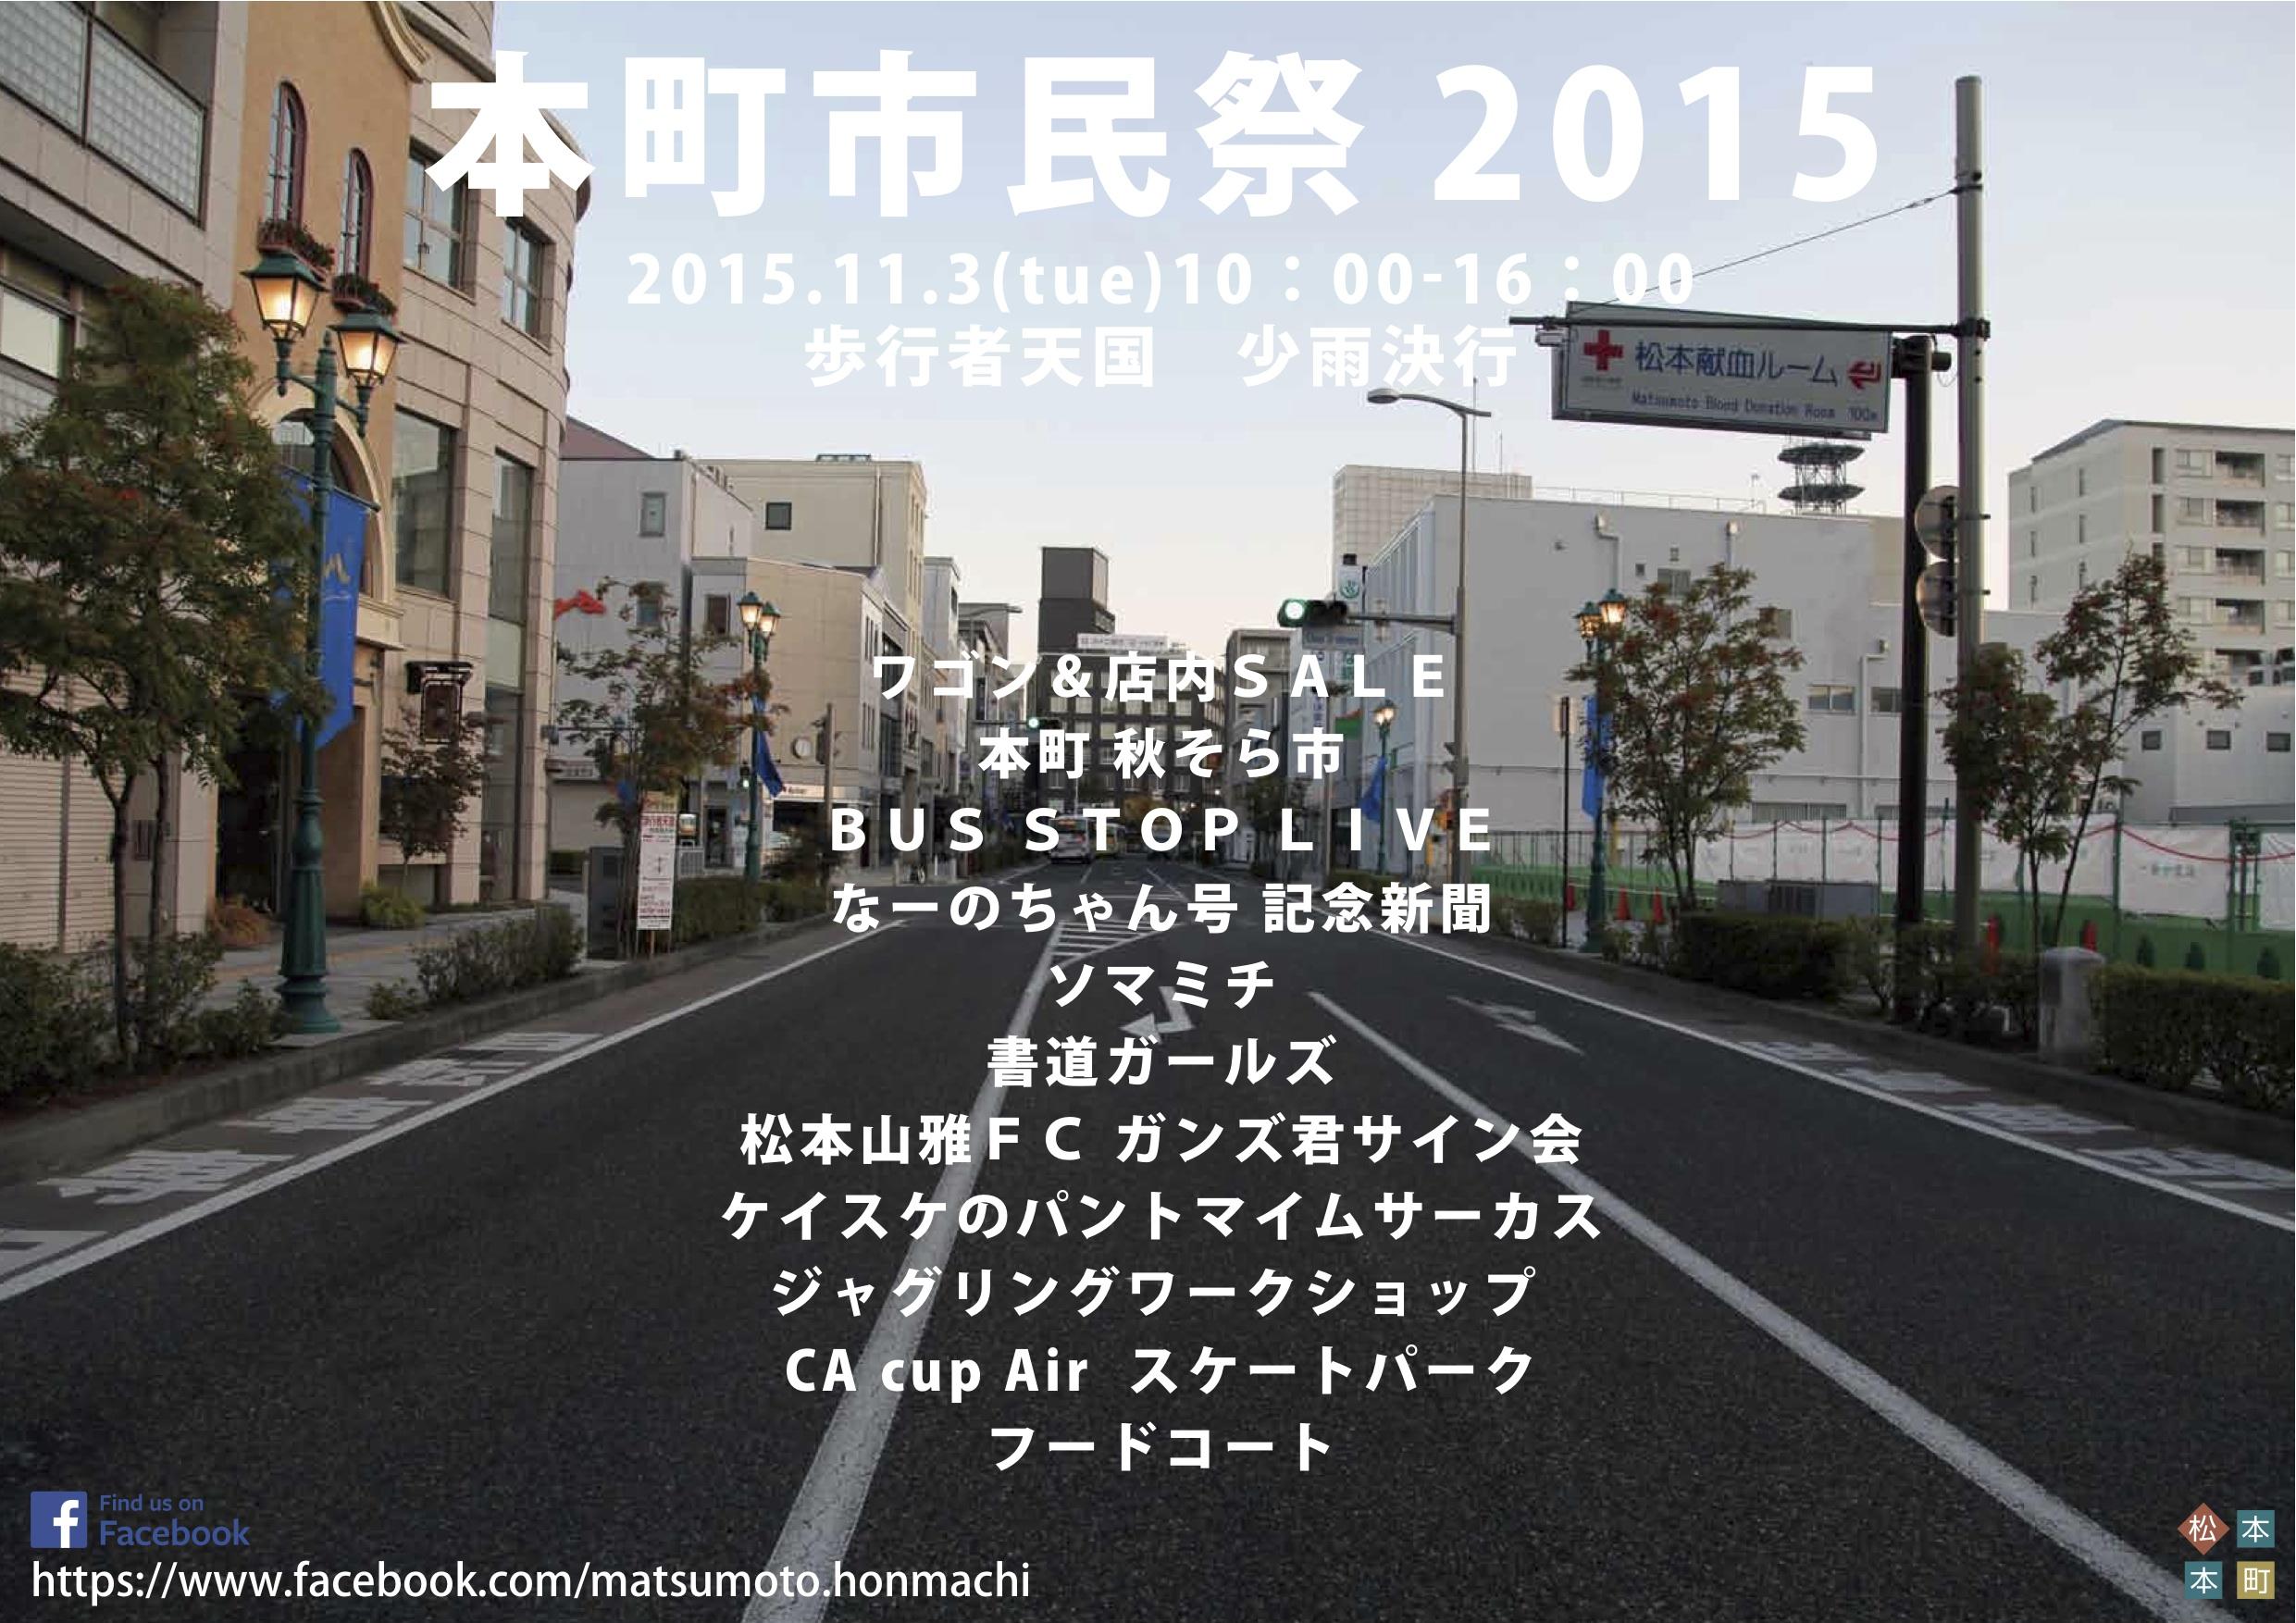 20151102132407eae.jpg